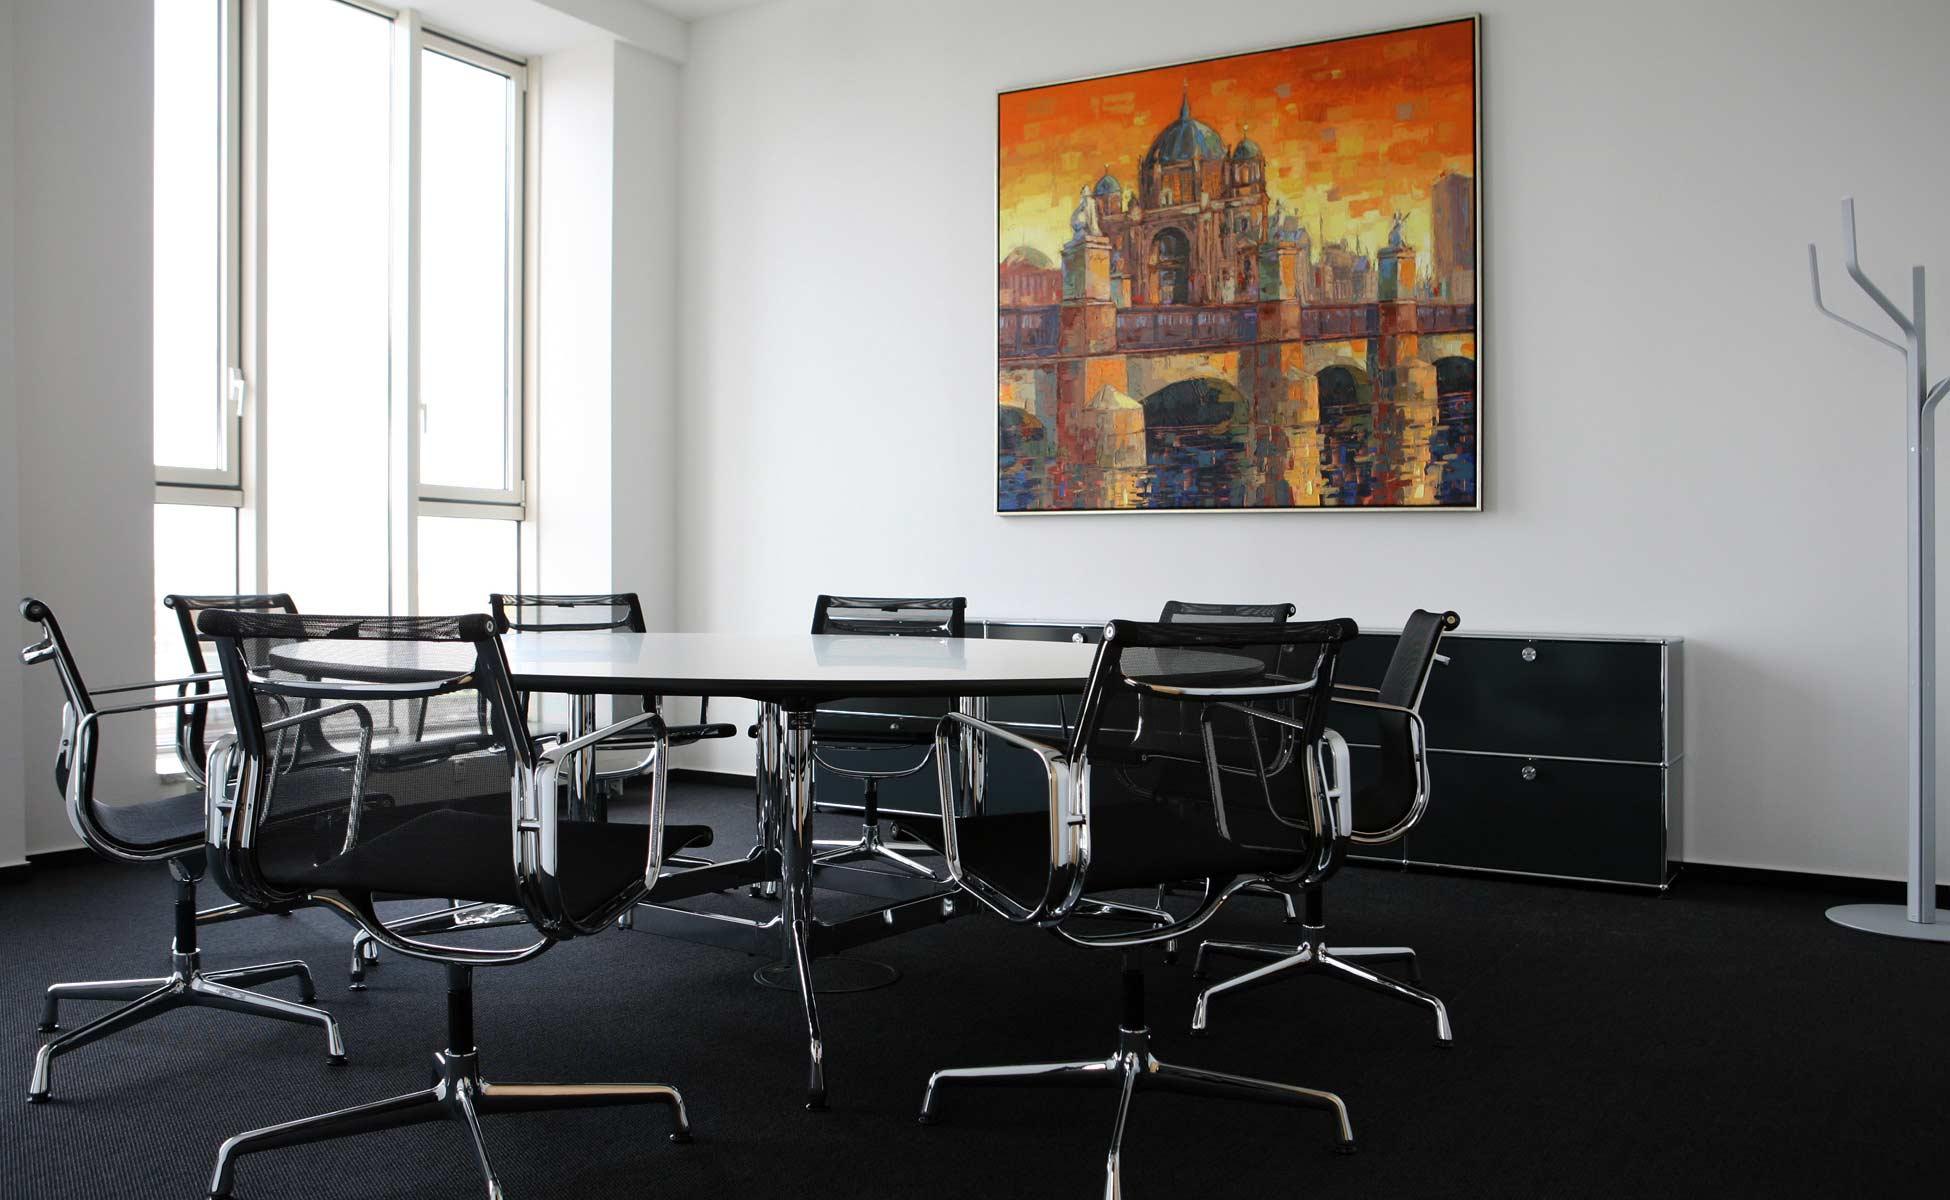 vitra konferenz bei steidten+ berlin